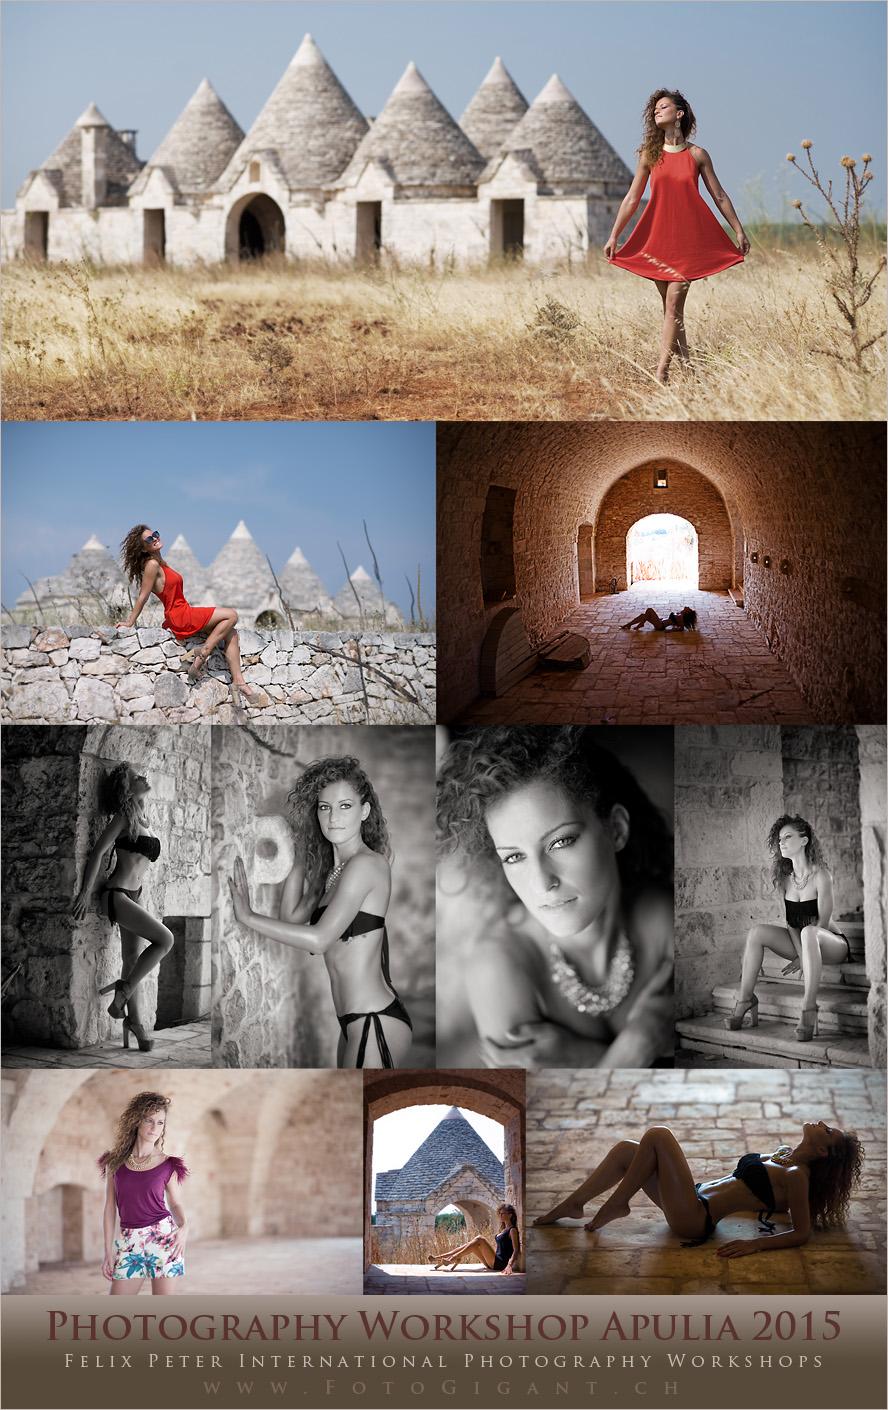 Felix_Peter_APULIA_Foto-Workshop4.jpg